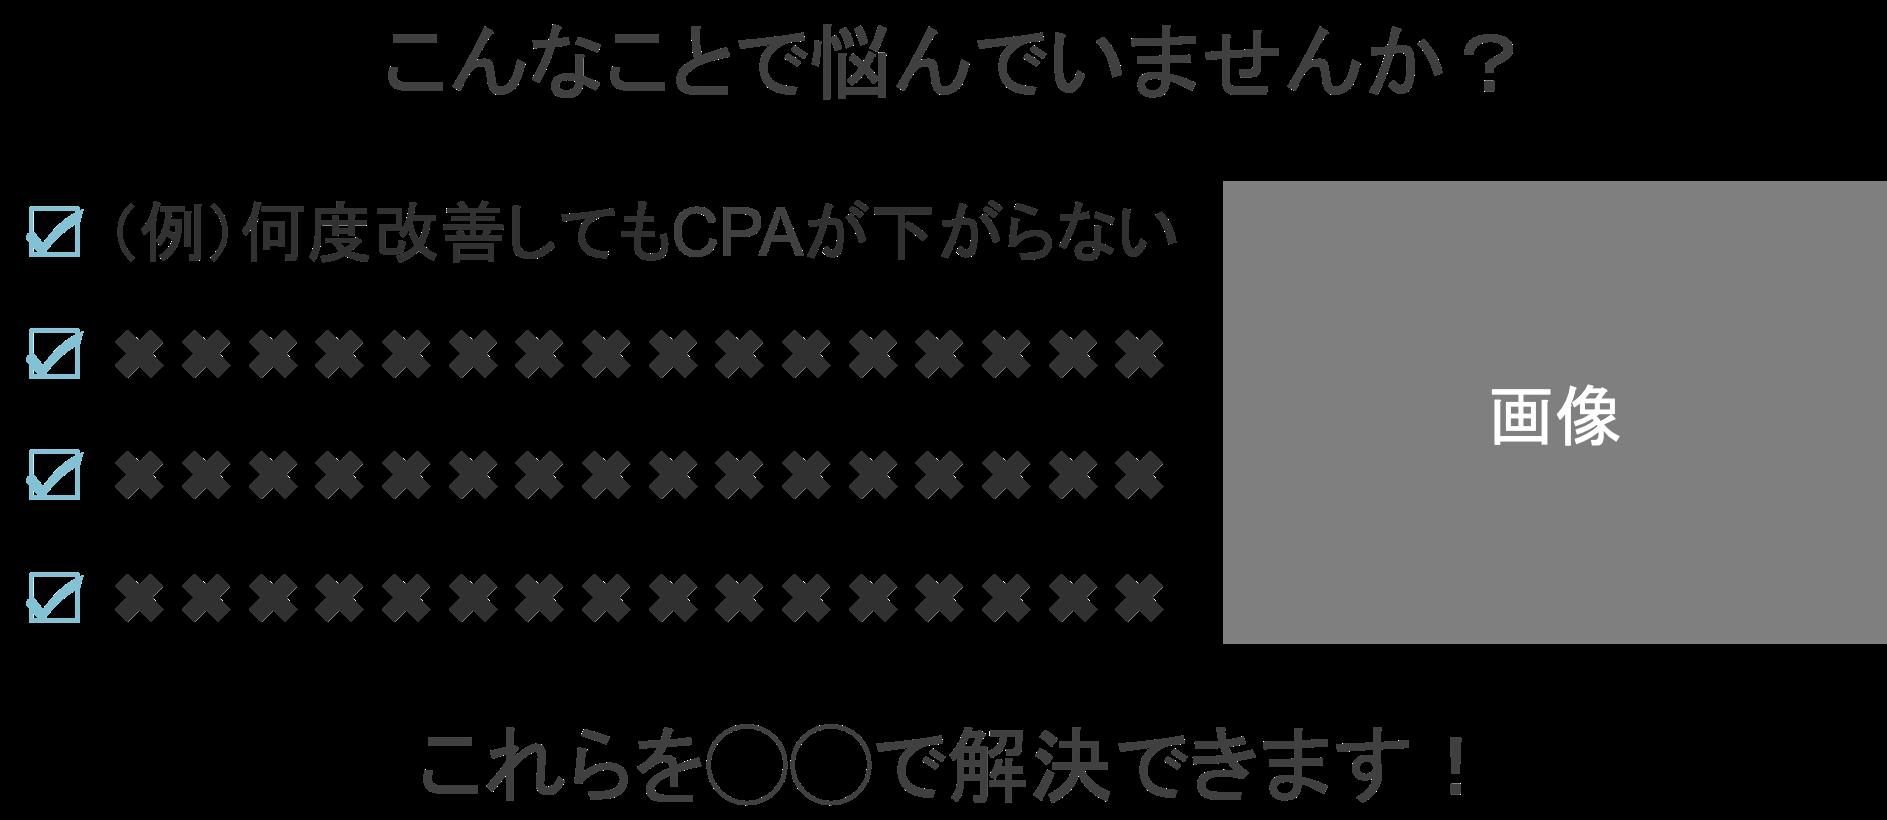 ランディングページ(LP)の構成要素「導入」の具体例